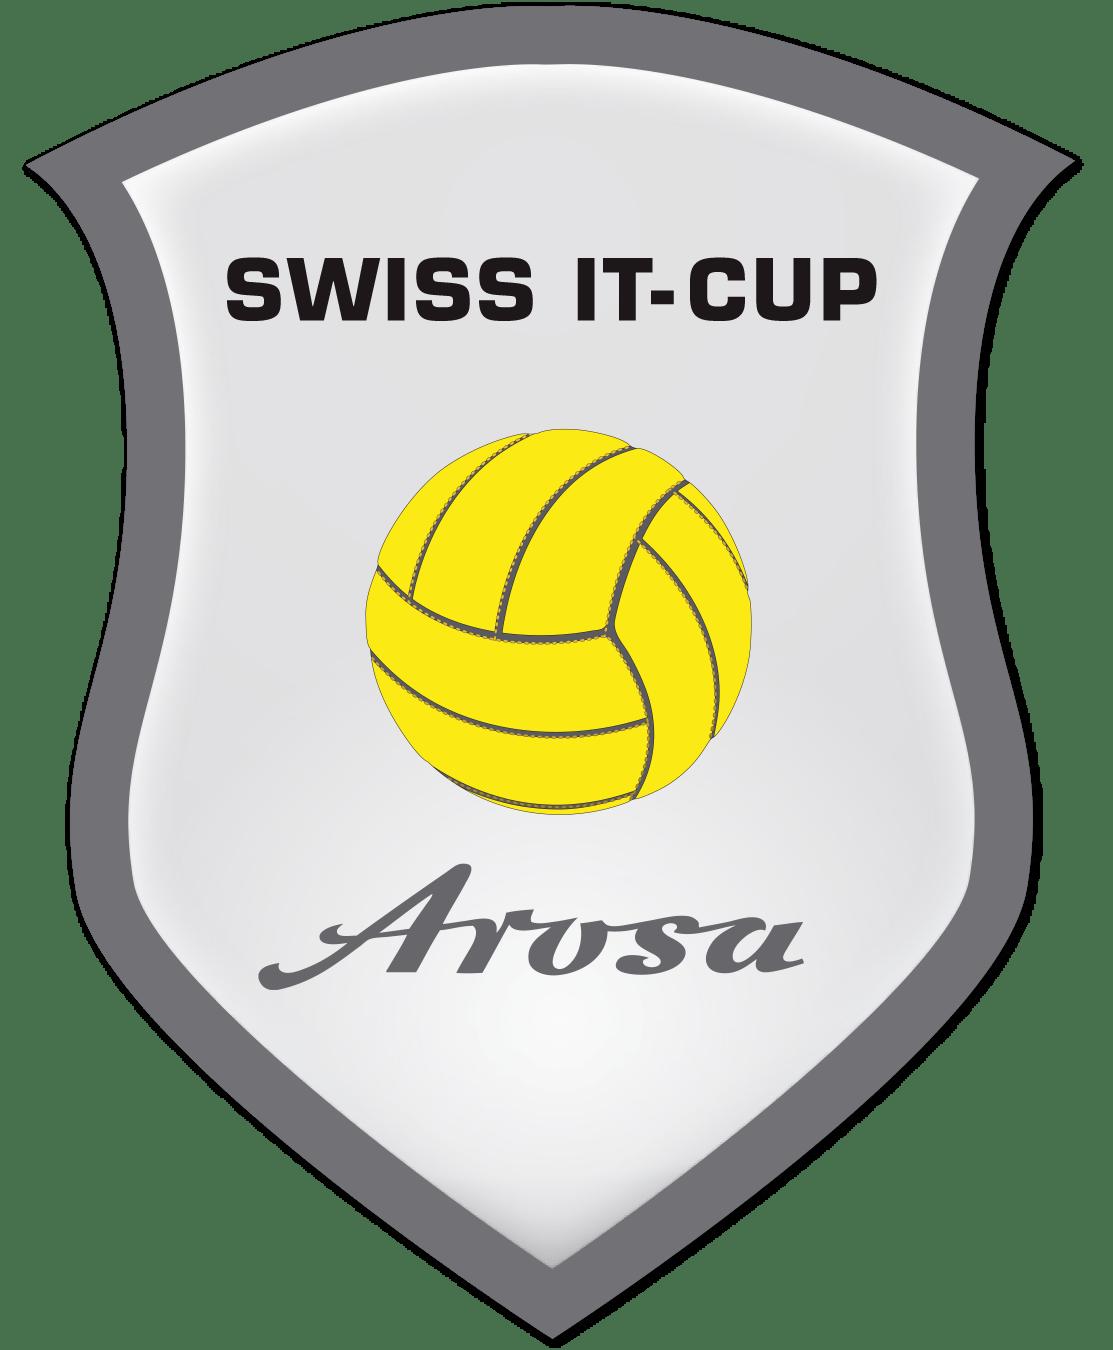 Swiss IT-Cup | Das Branchen-Event der Sonderklasse